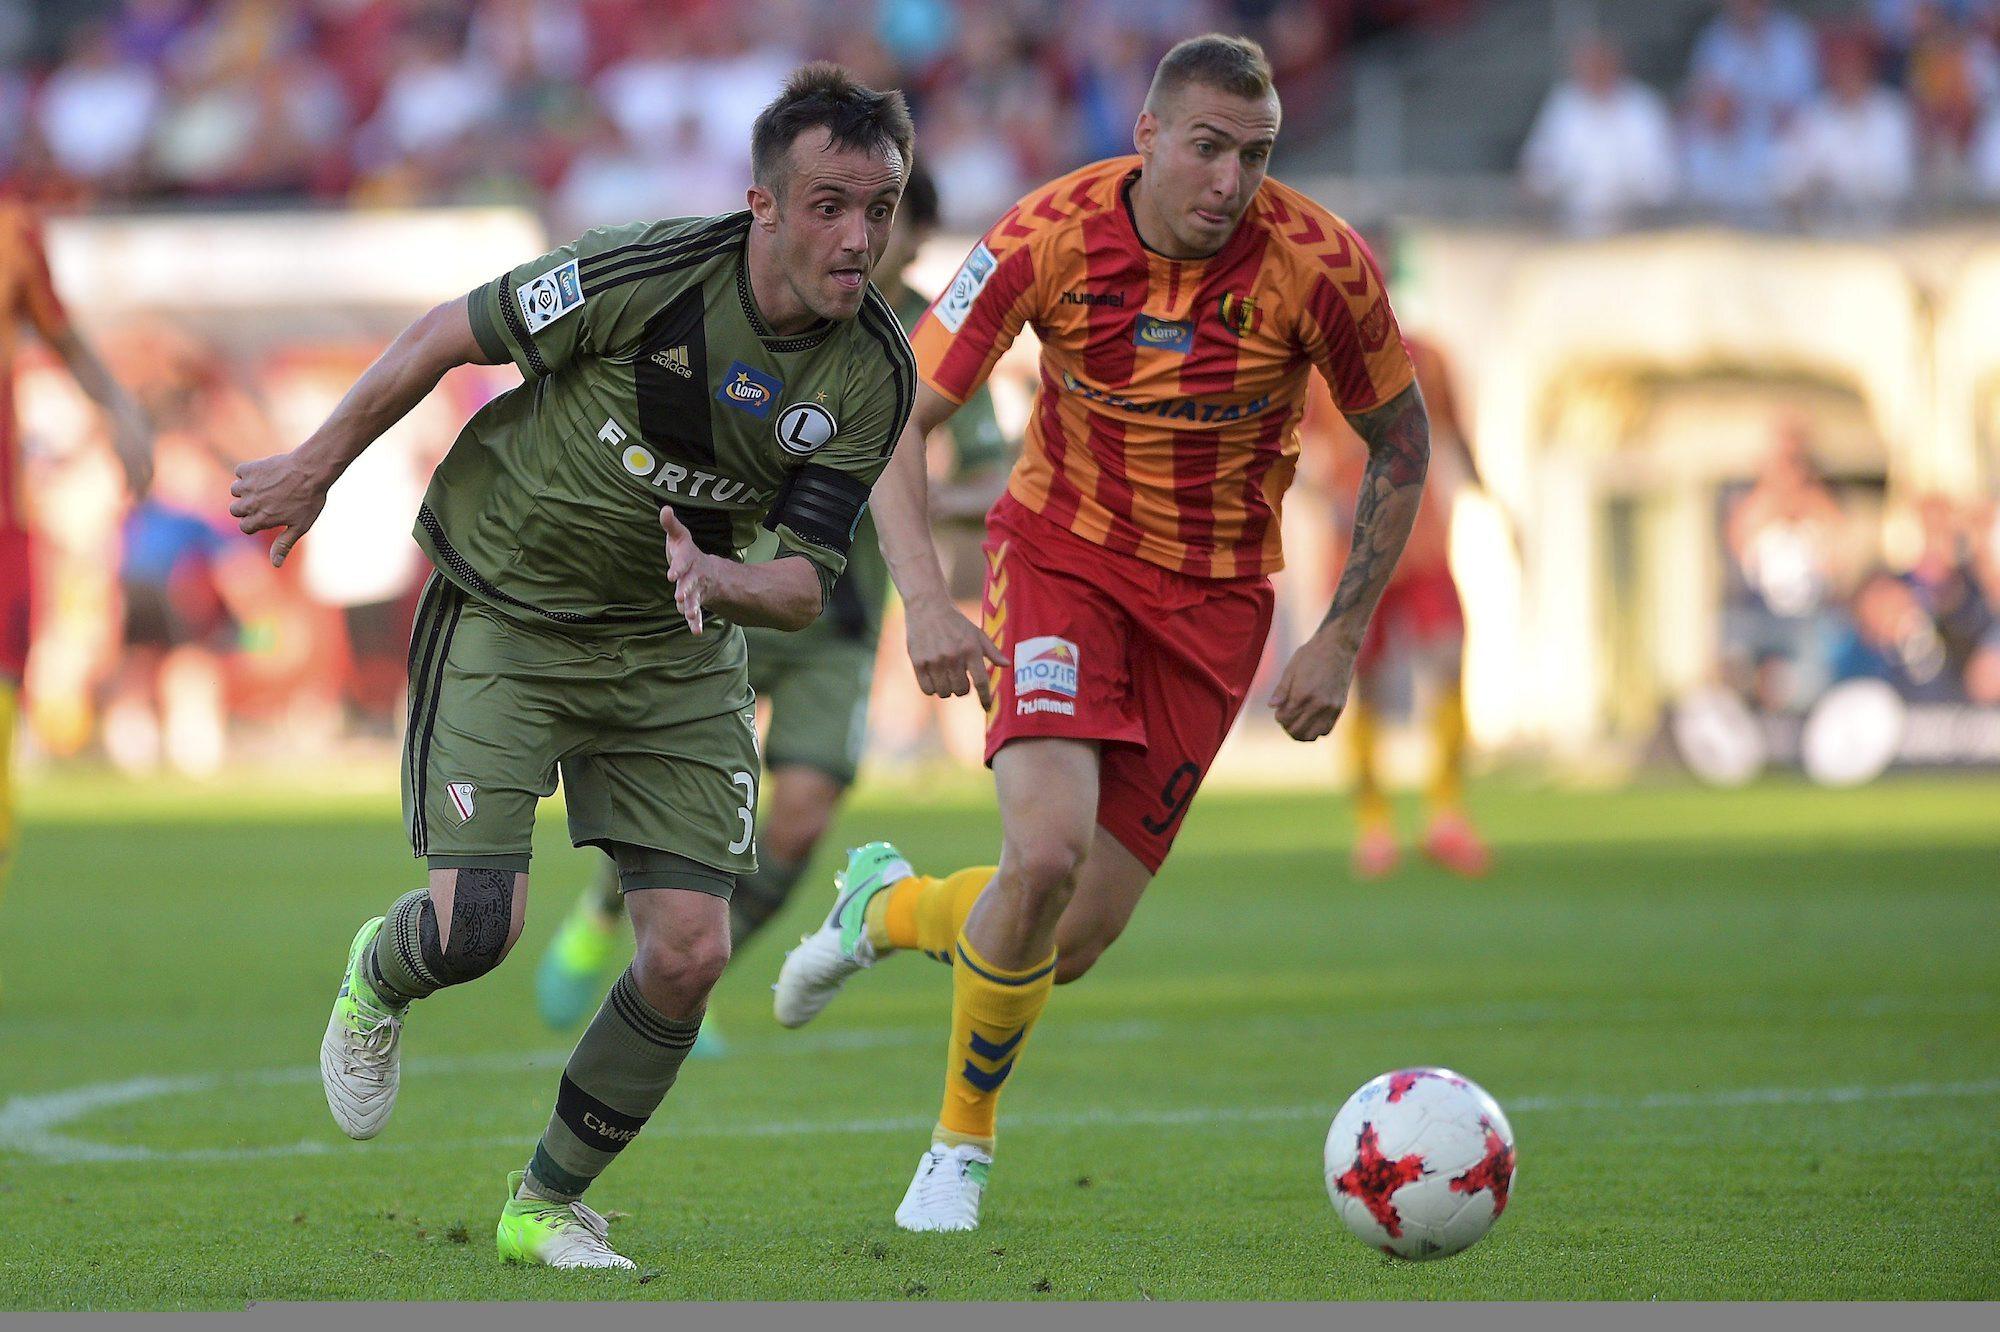 Kadr z meczu Korona Kielce - Legia Warszawa